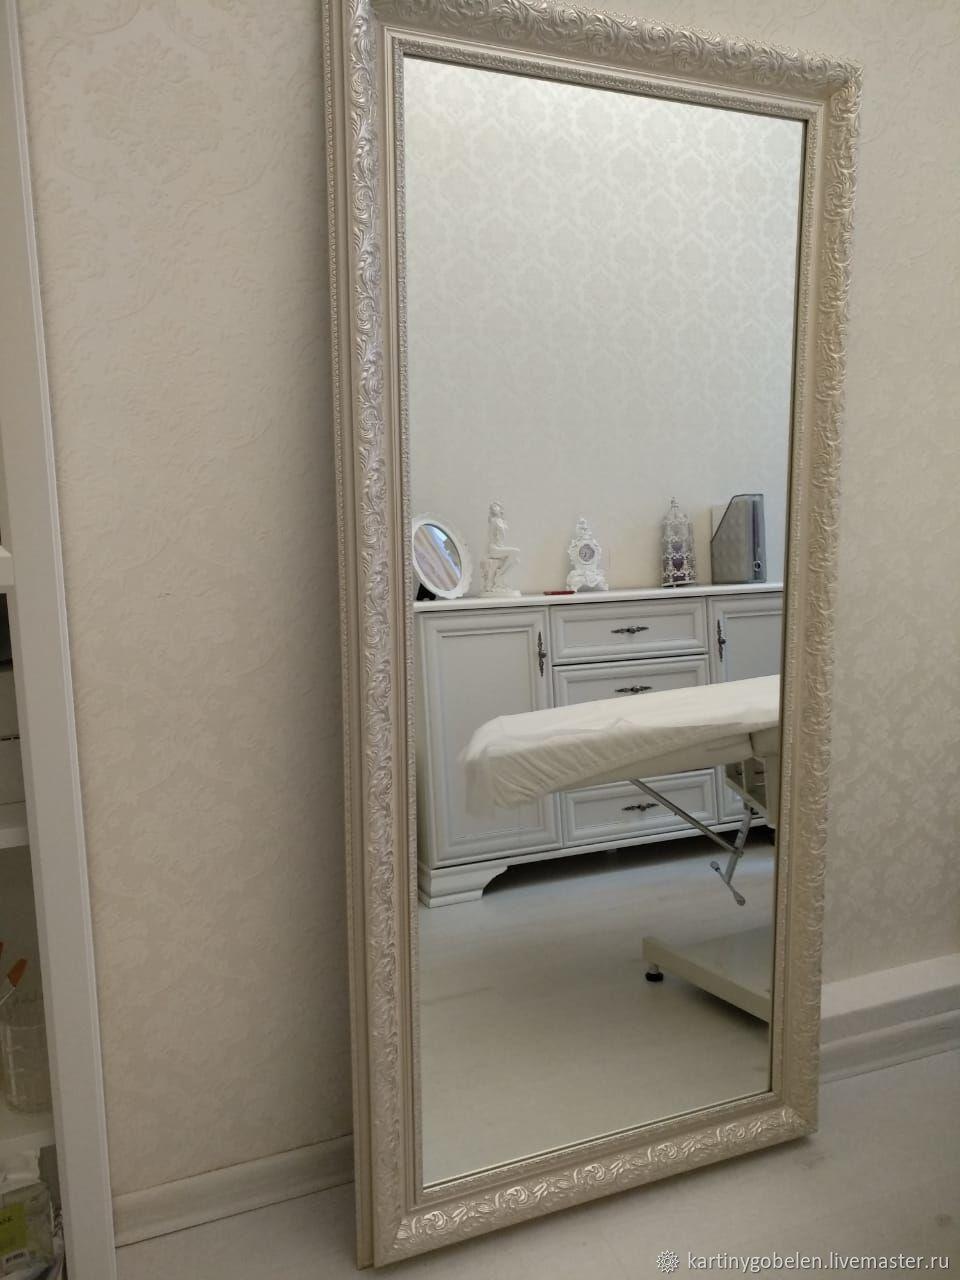 Зеркало большое в светлой раме, Зеркала, Москва,  Фото №1